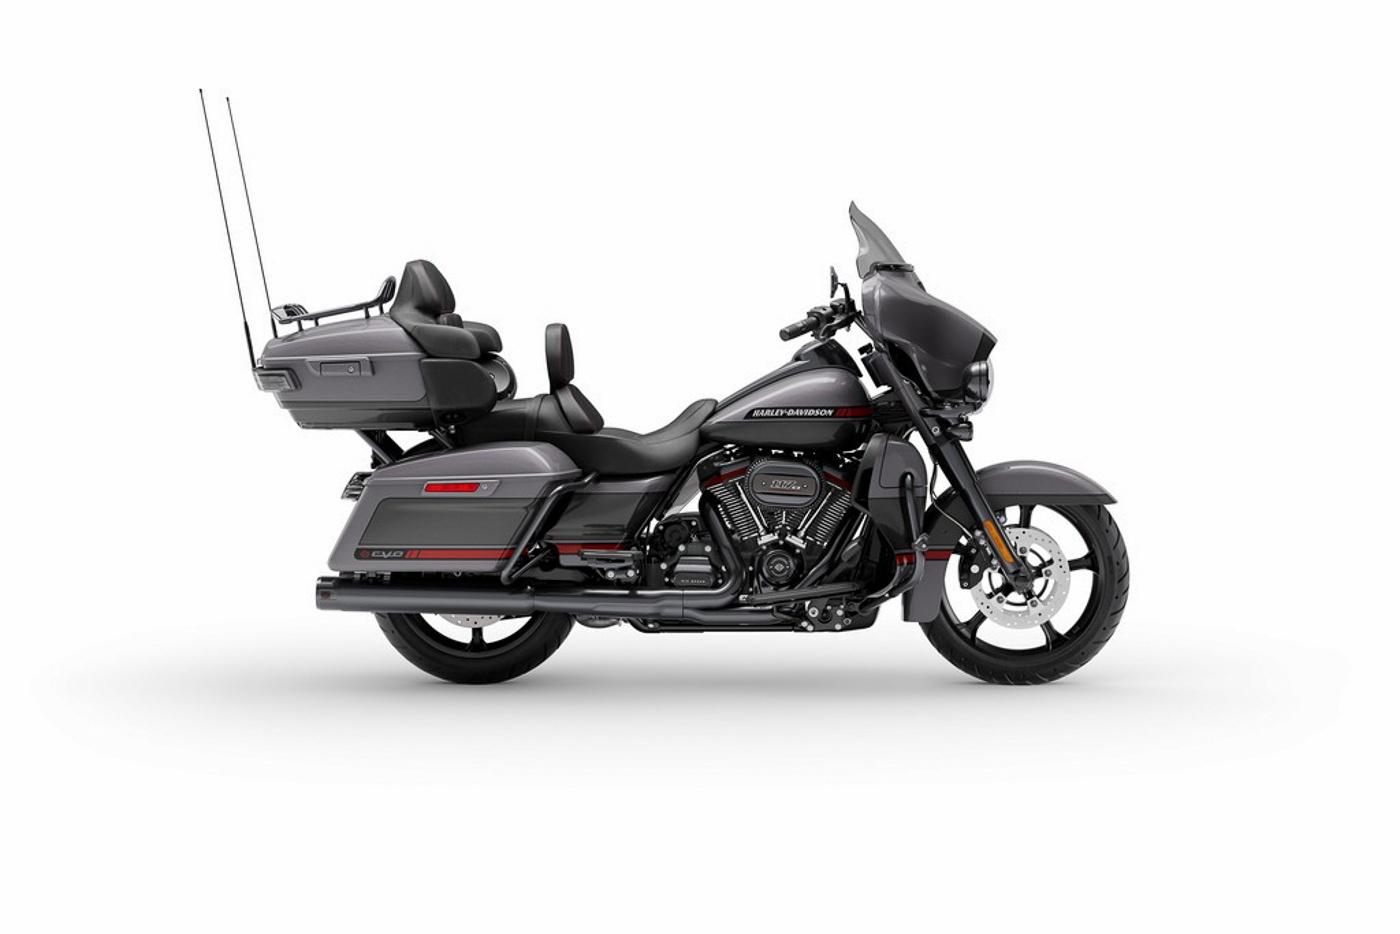 2020 Sportster Models Service Manual 94000739  Harley